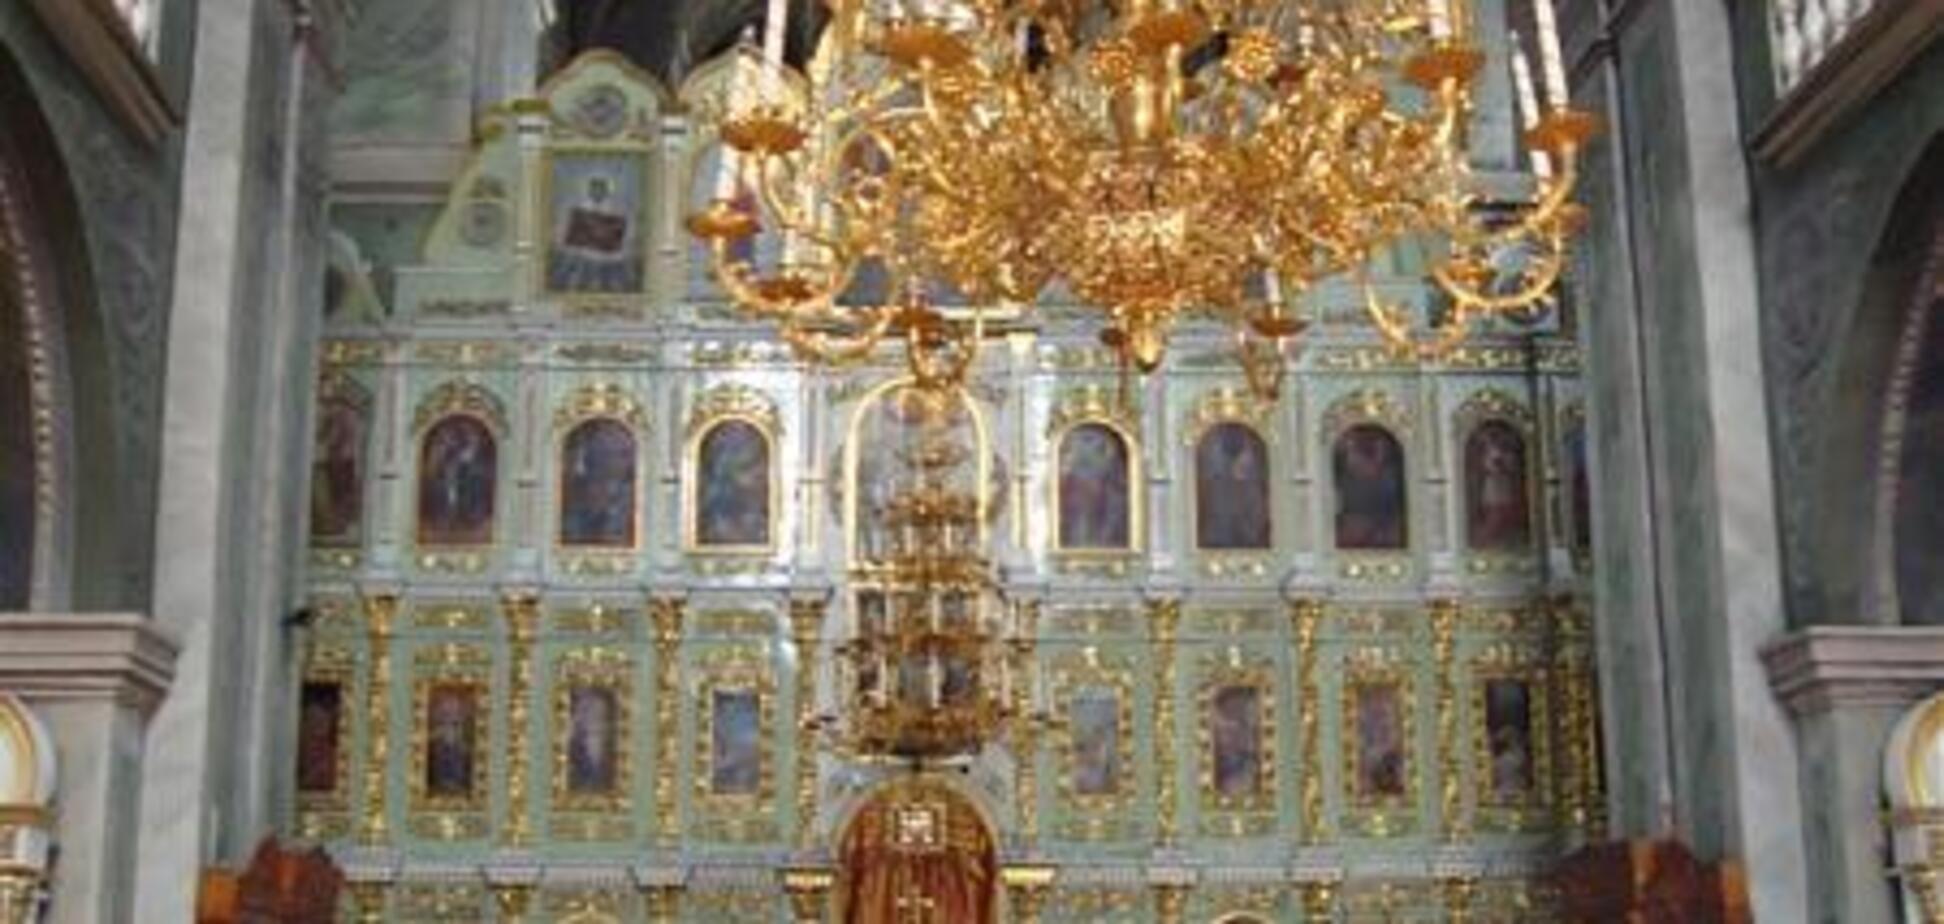 Забаррикадировались с царем: активисты показали иконы храма УПЦ МП, возмутившие людей